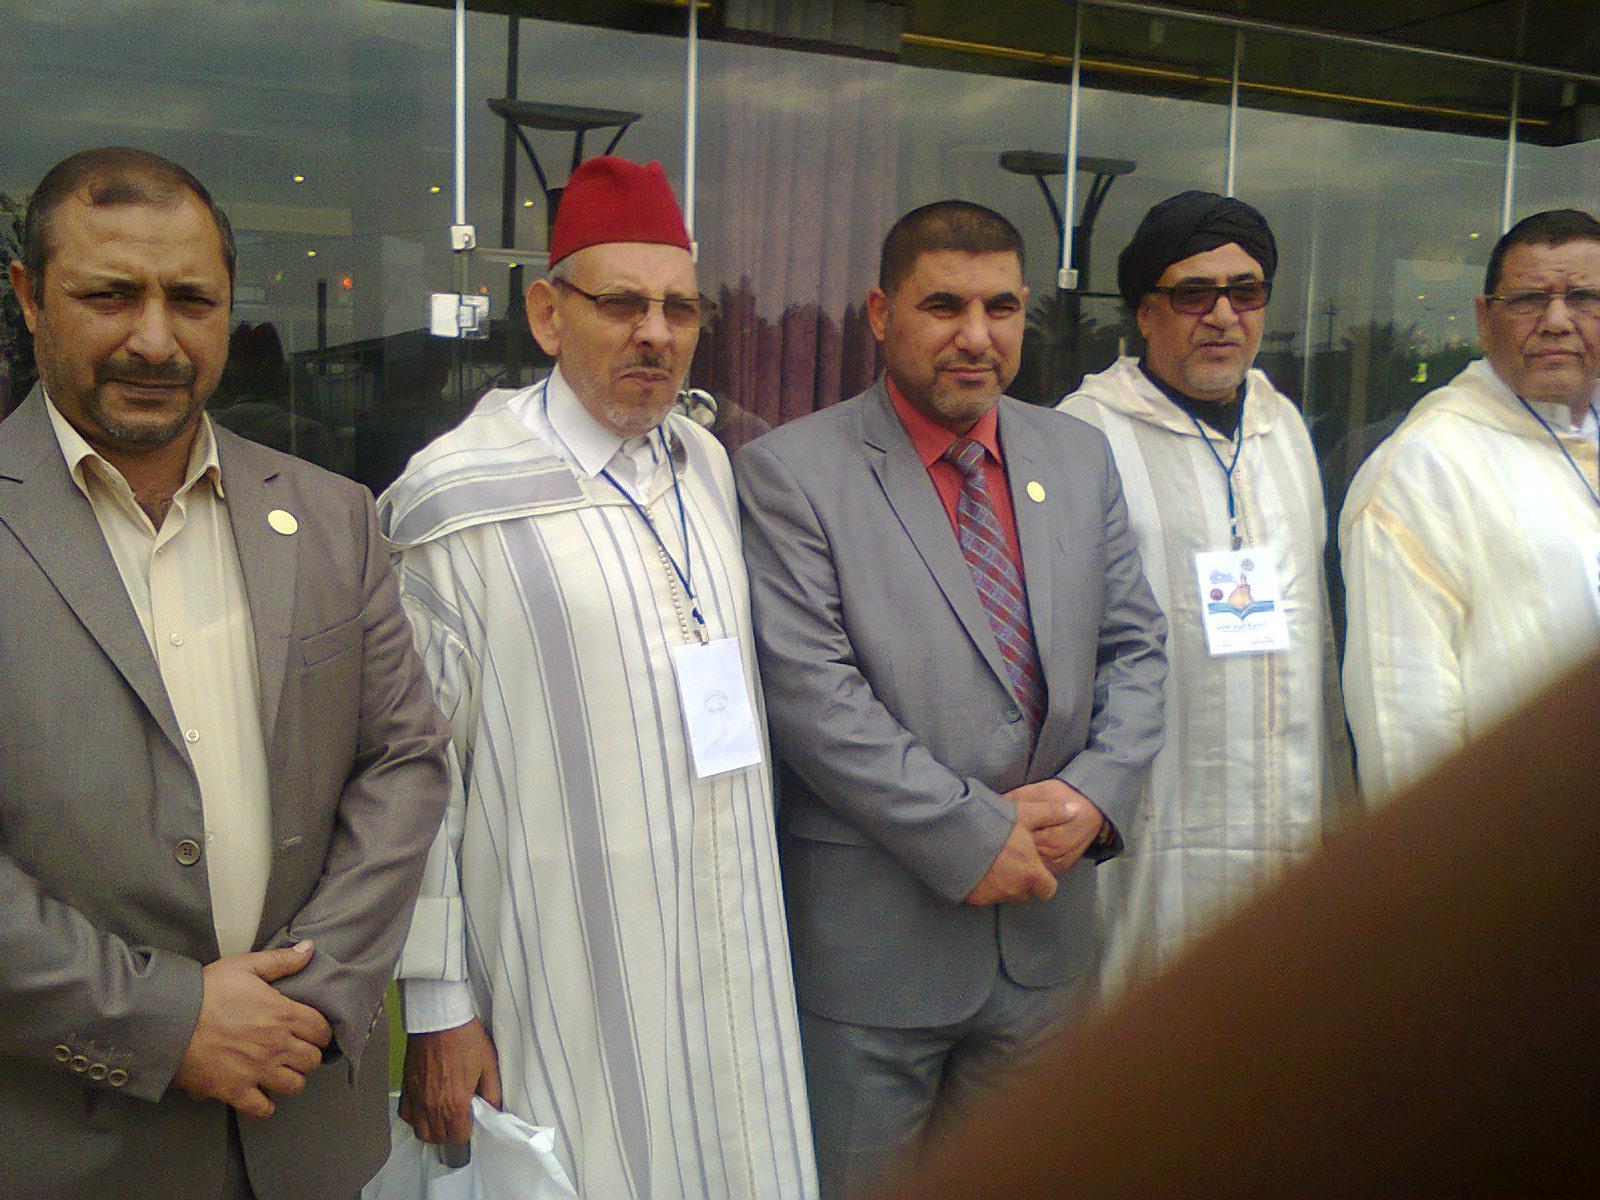 صور من مهرجان الغدير العالمي الثاني 301896450